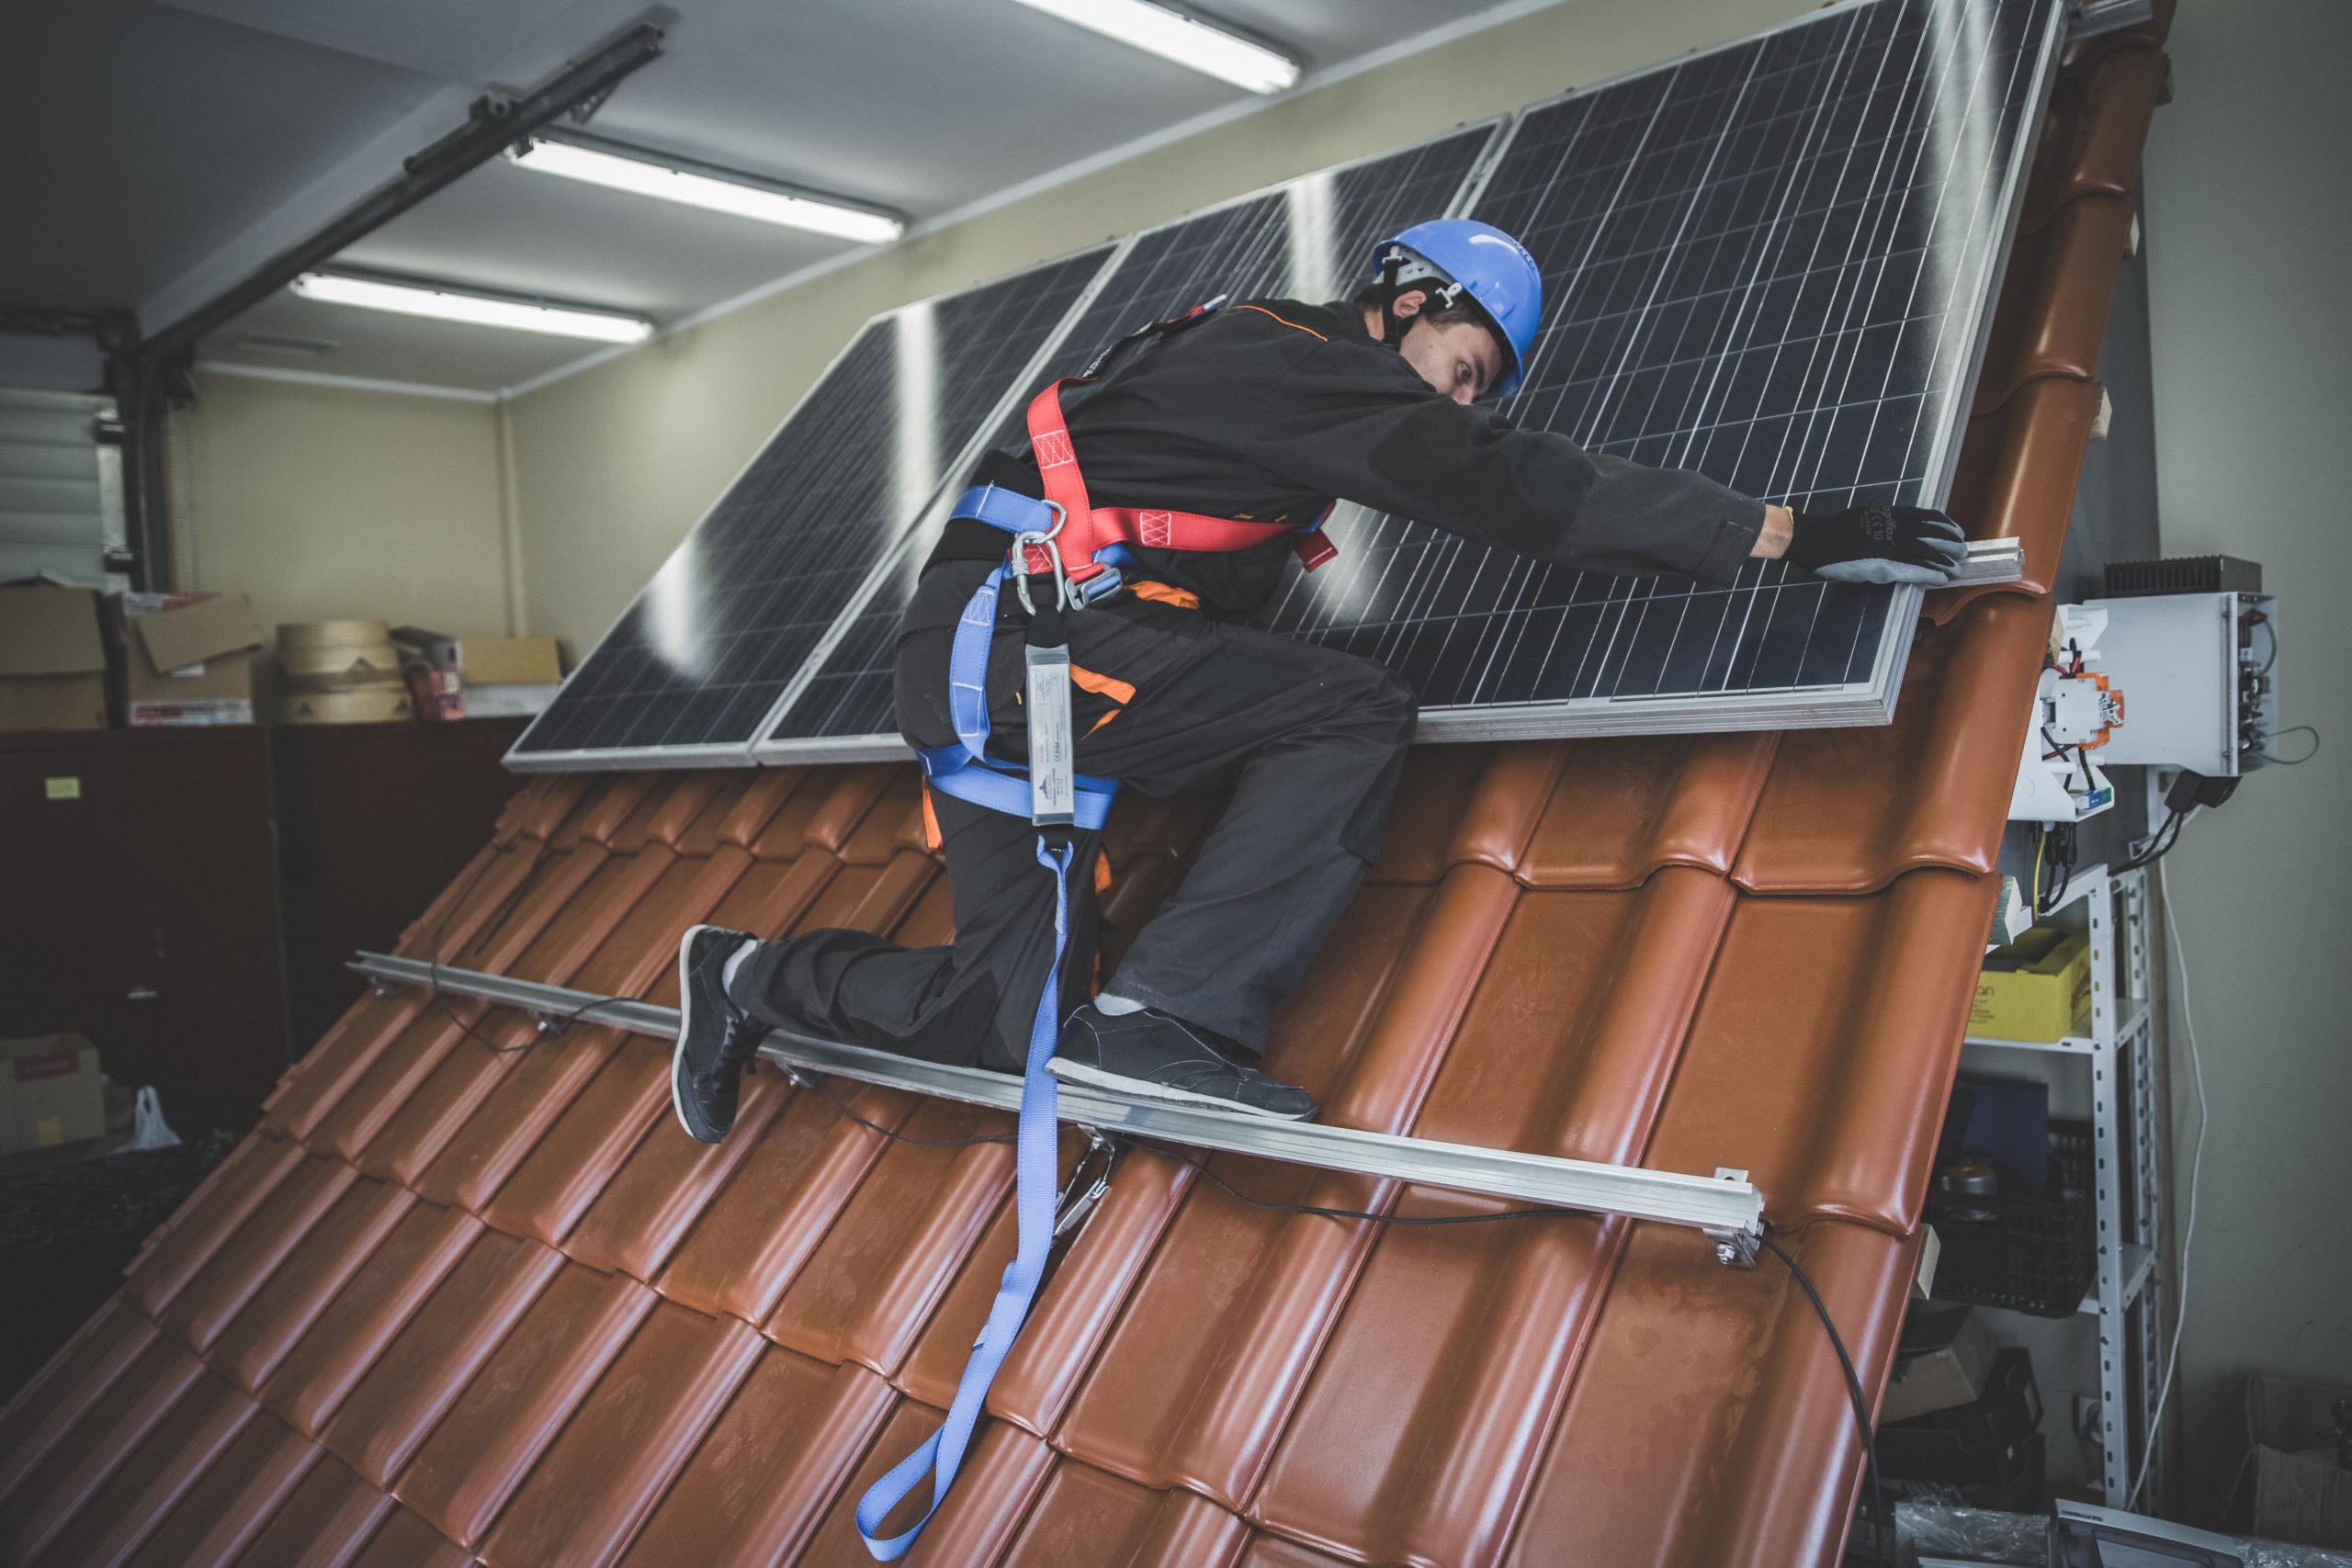 Montaż modułów PV na dachu ceramicznym przez wykładowcę w odzieży ochronnej